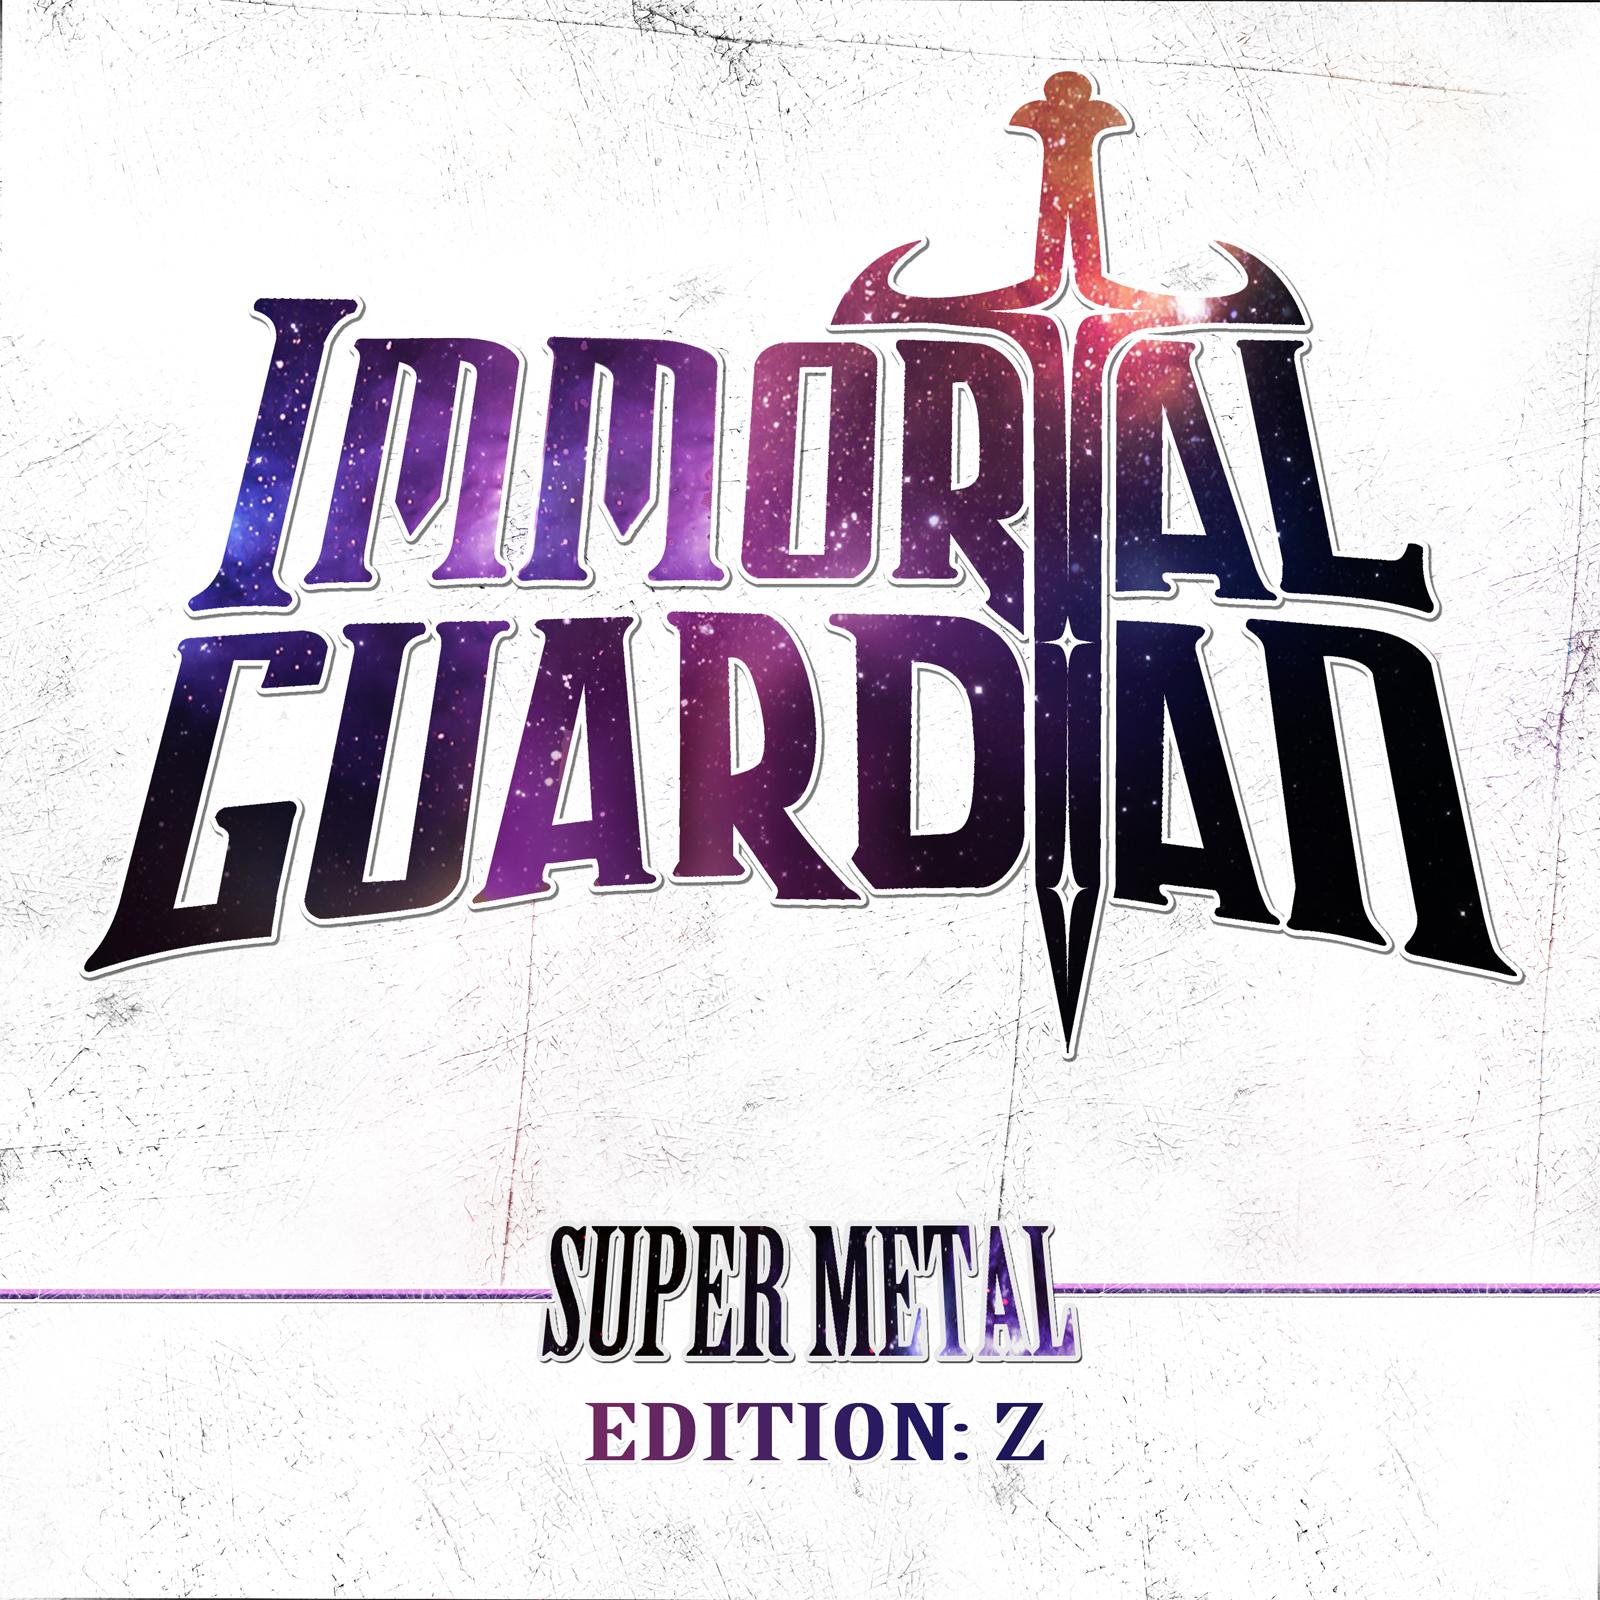 Super Metal- Edition Z iTunes art